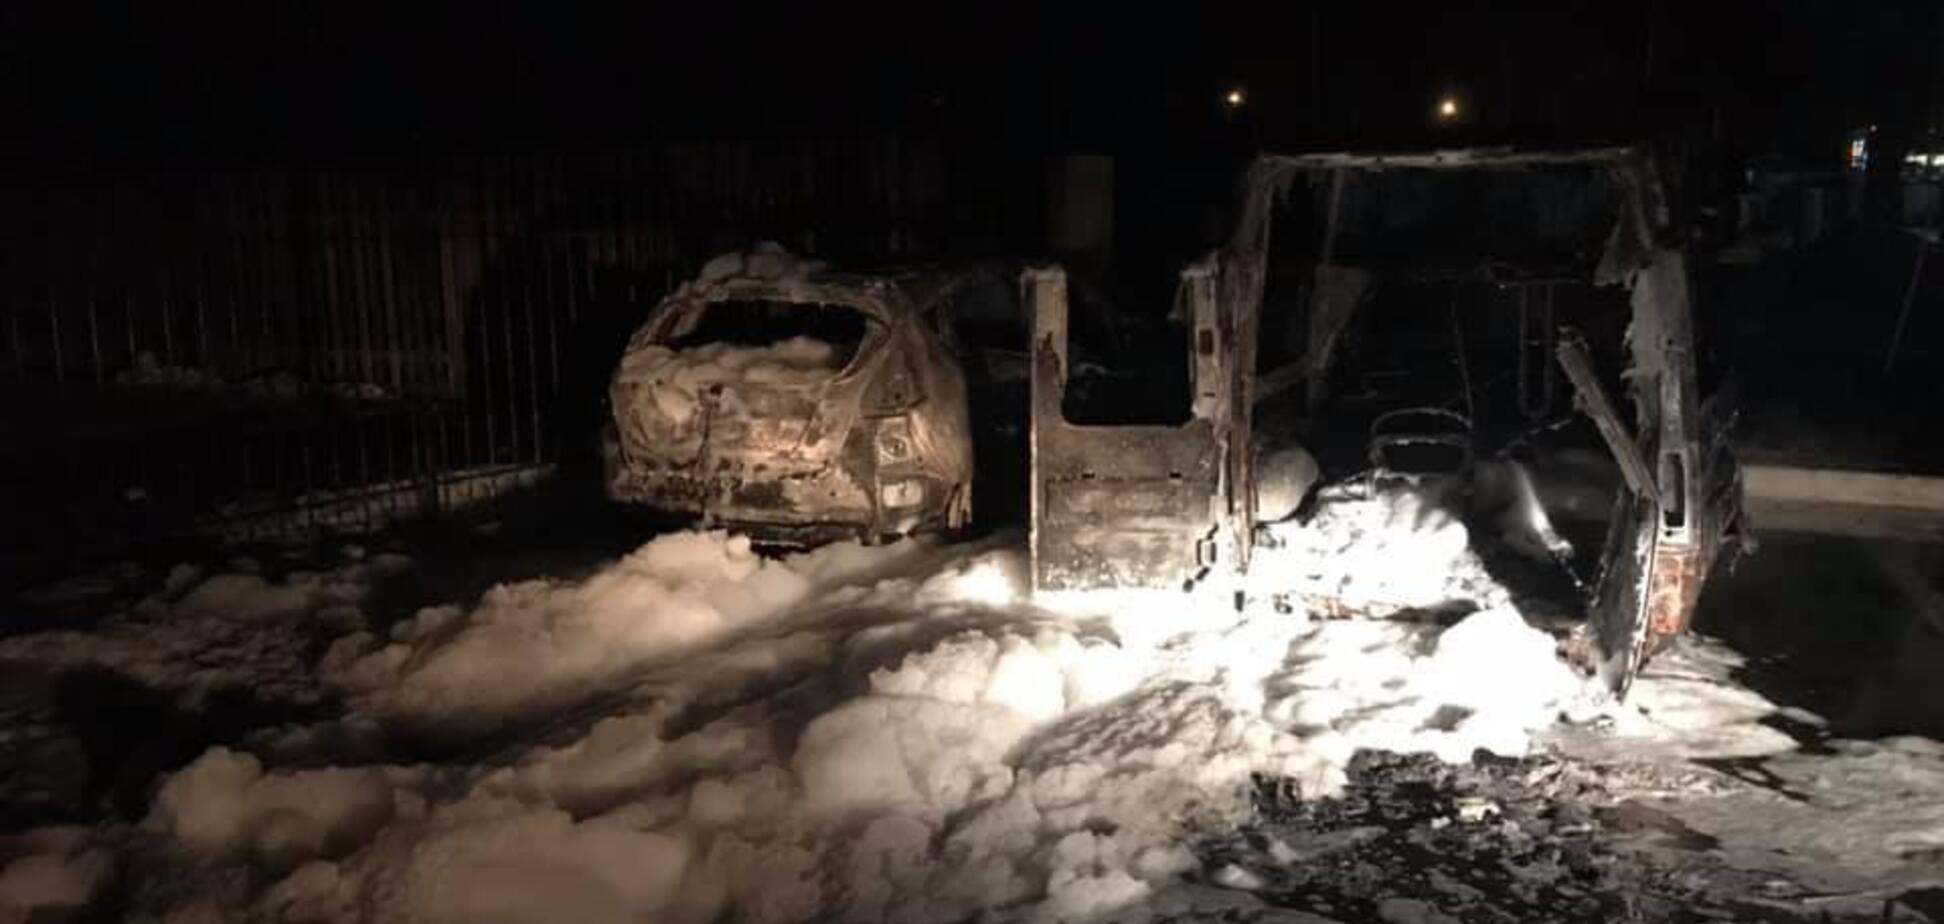 Известному журналисту подожгли авто в Киеве: он обвинил прокурора